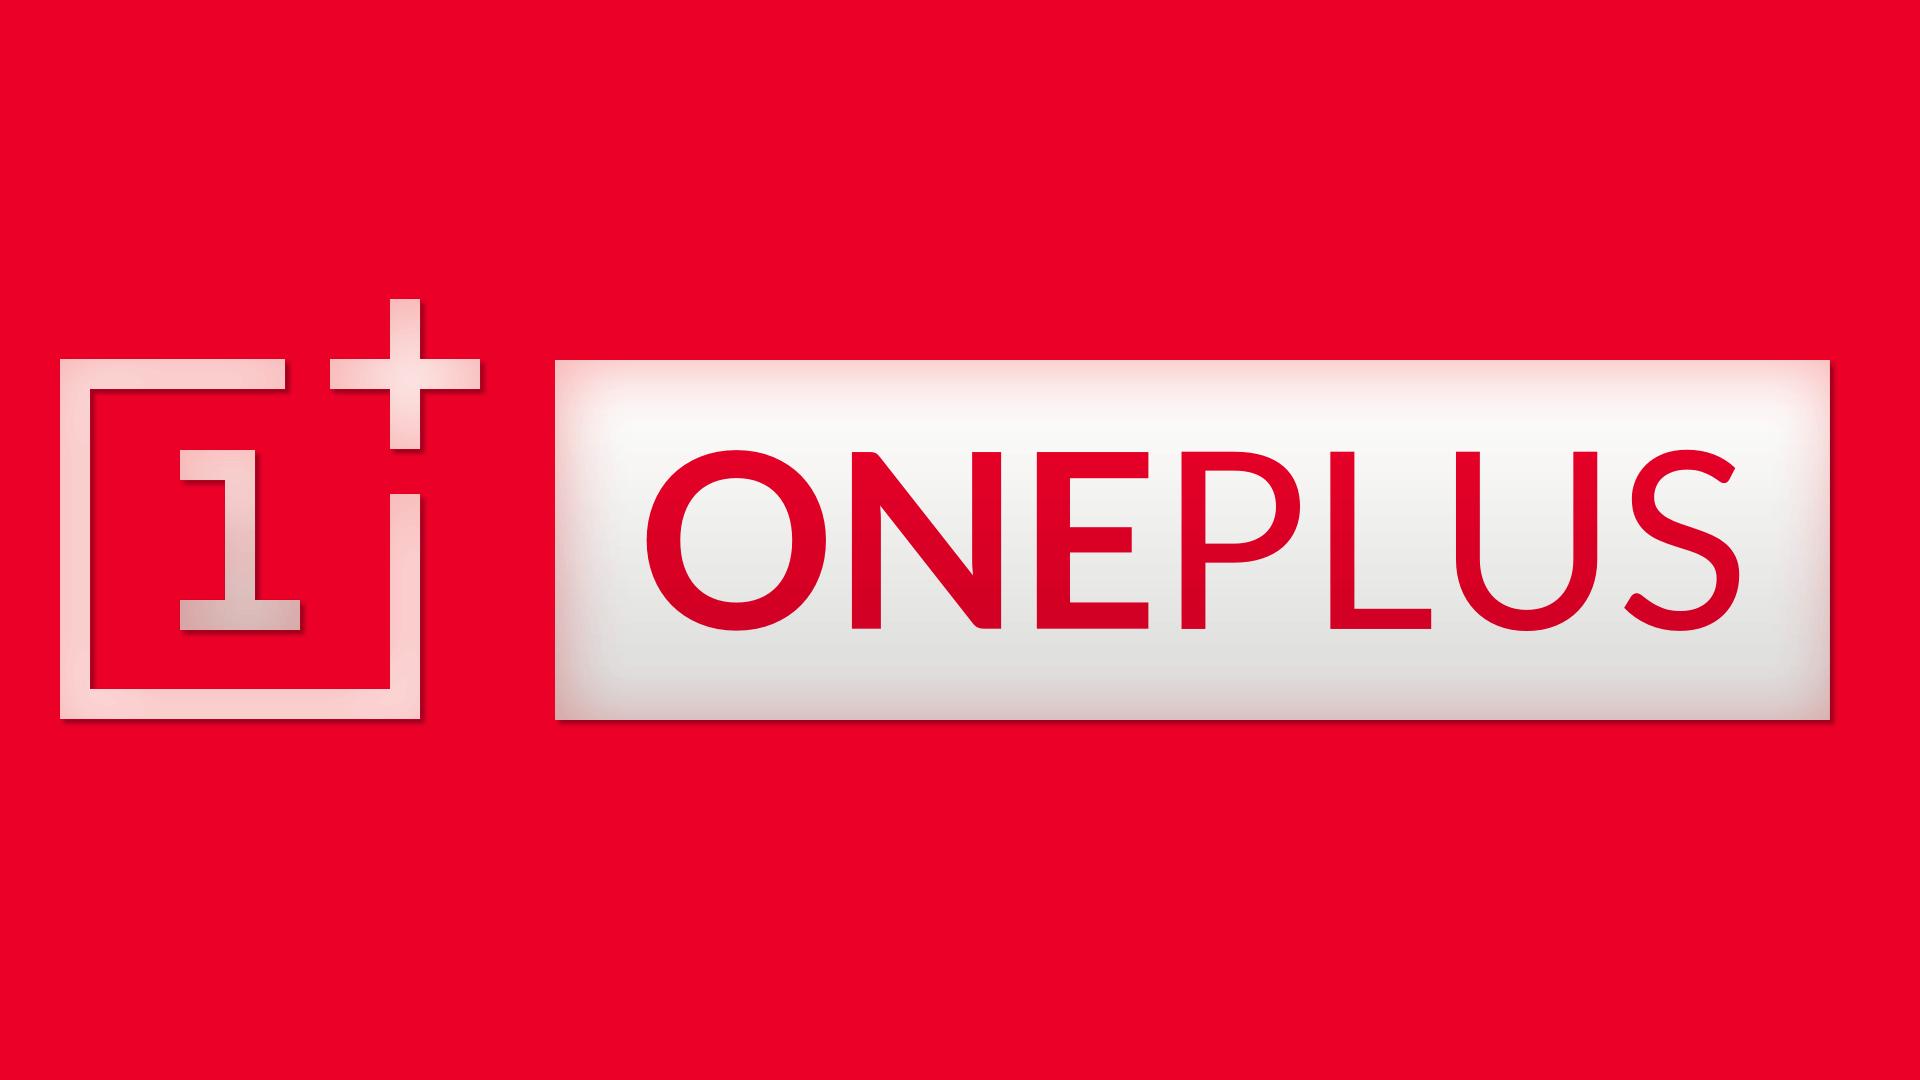 Niech wszyscy równają do OnePlusa - producent zapowiedział trzyletnie wsparcie dla swoich urządzeń 23